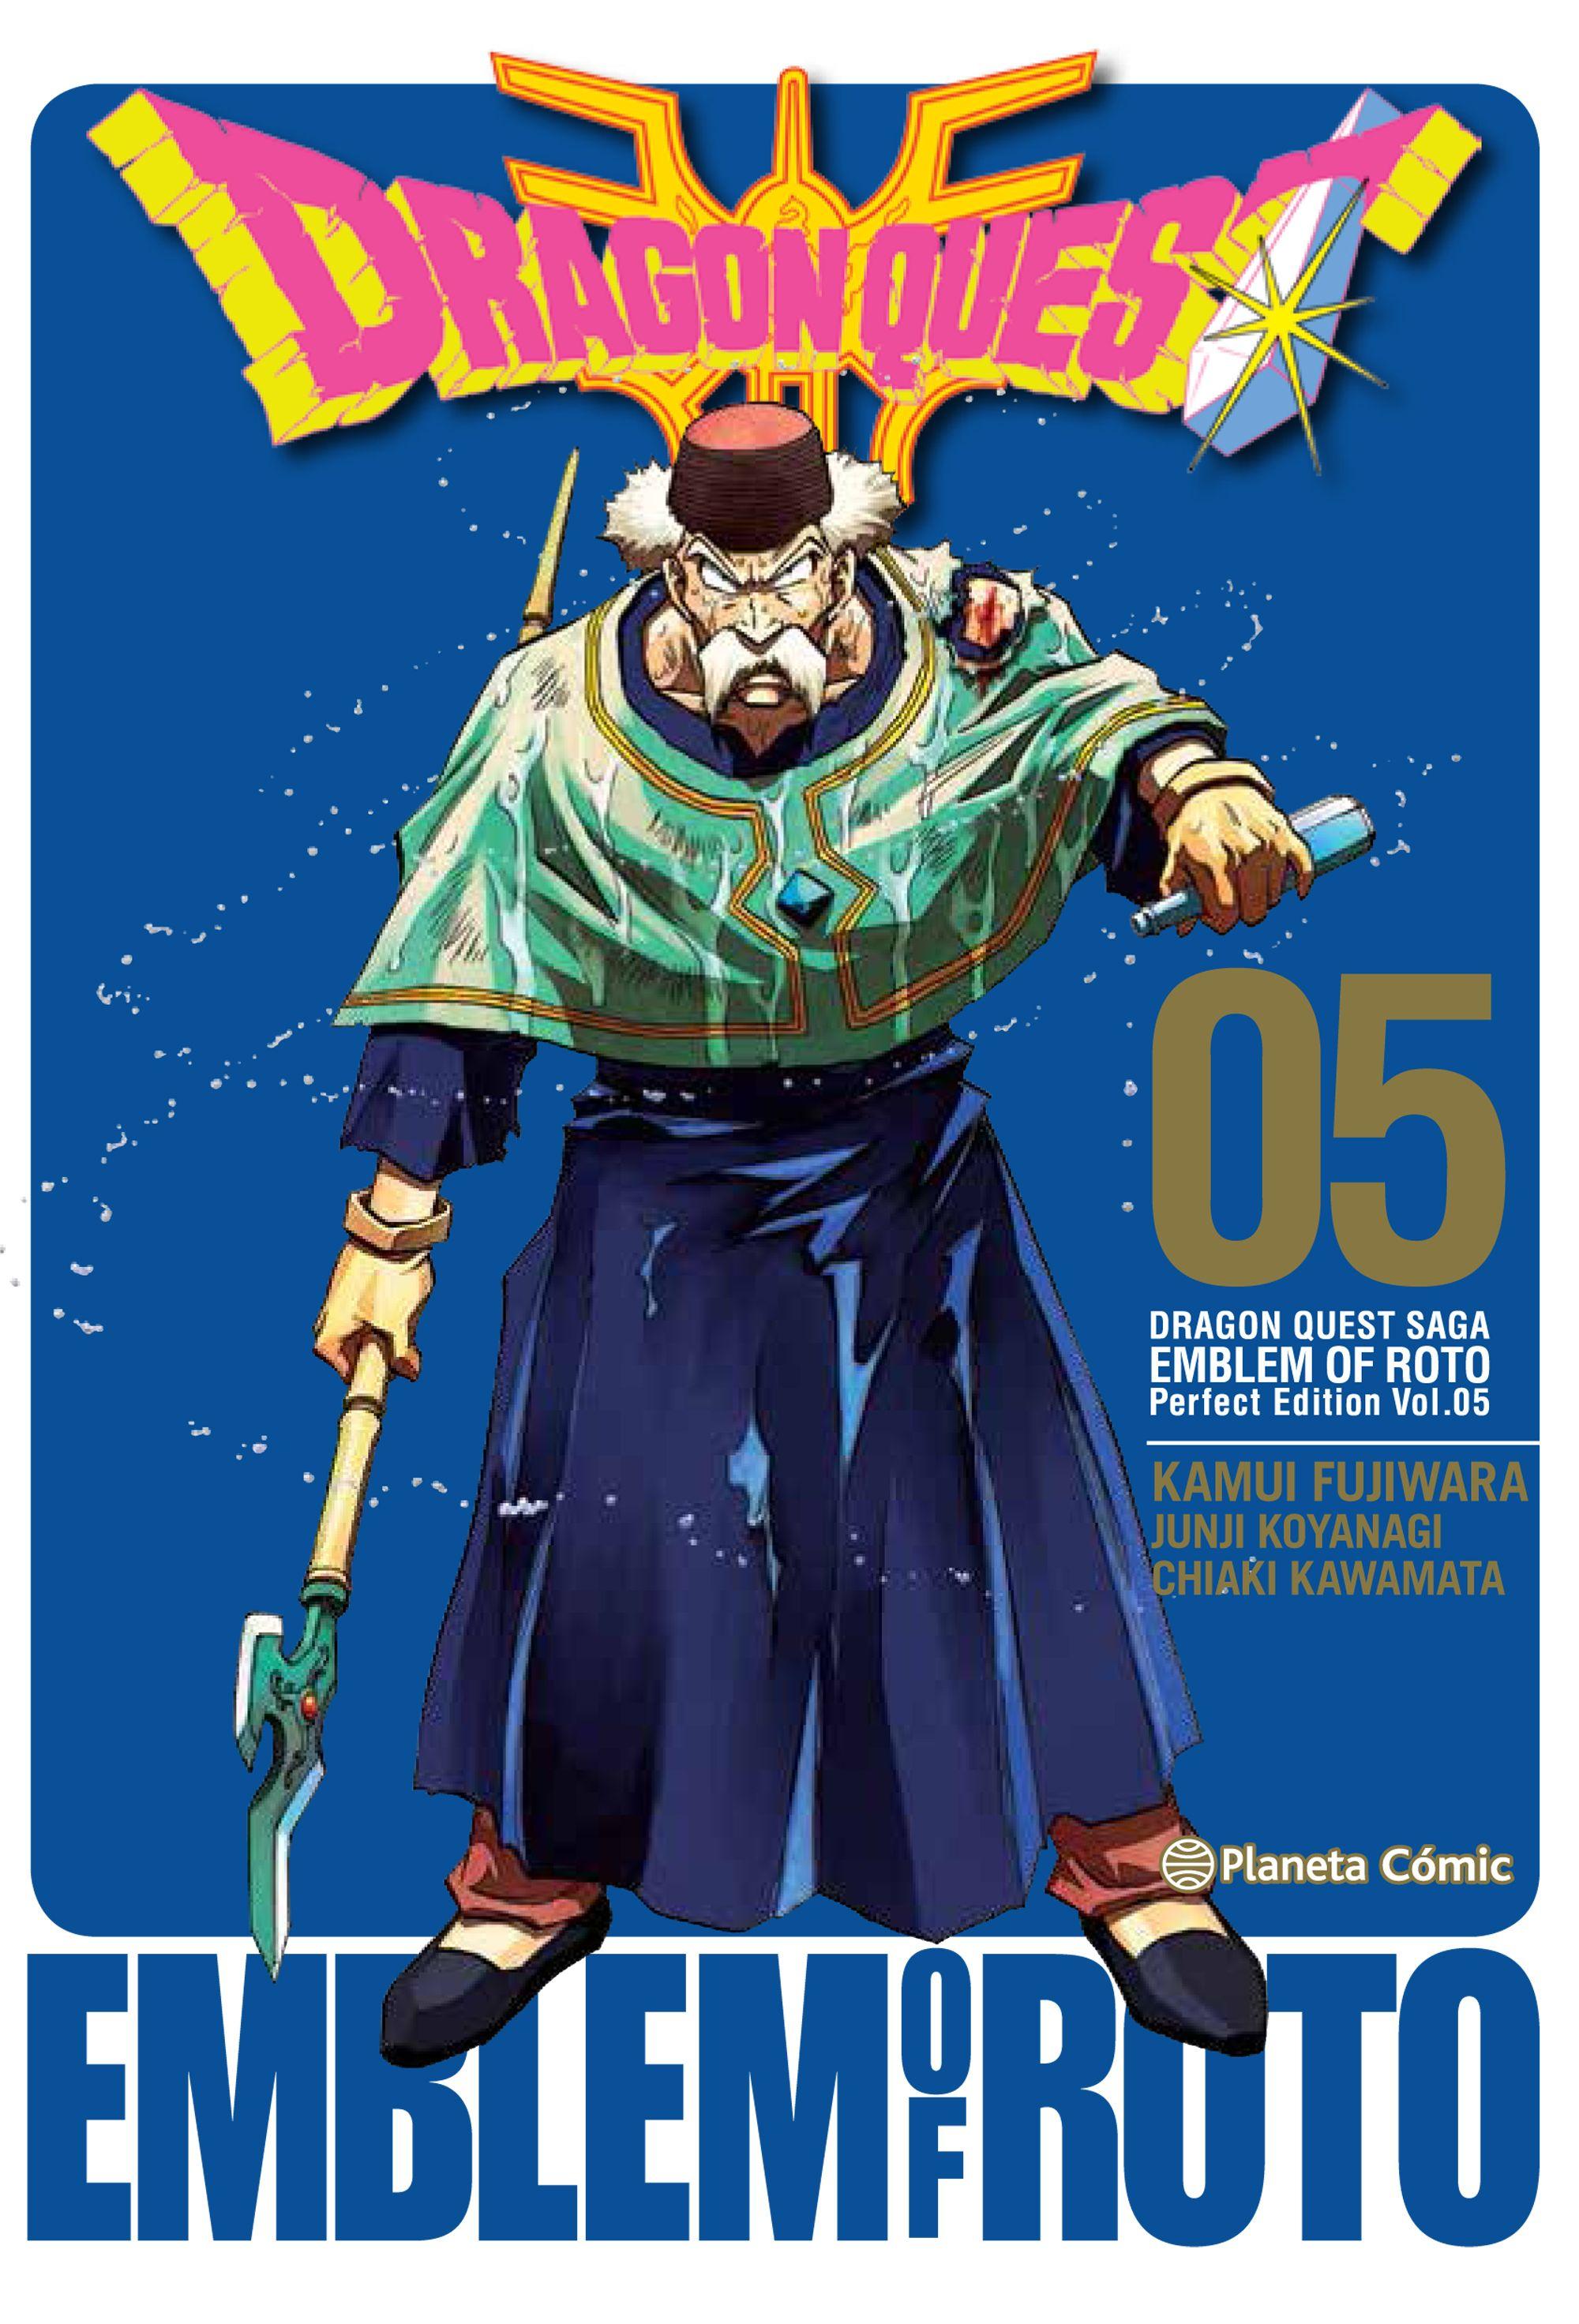 Dragon Quest Emblen of roto 5